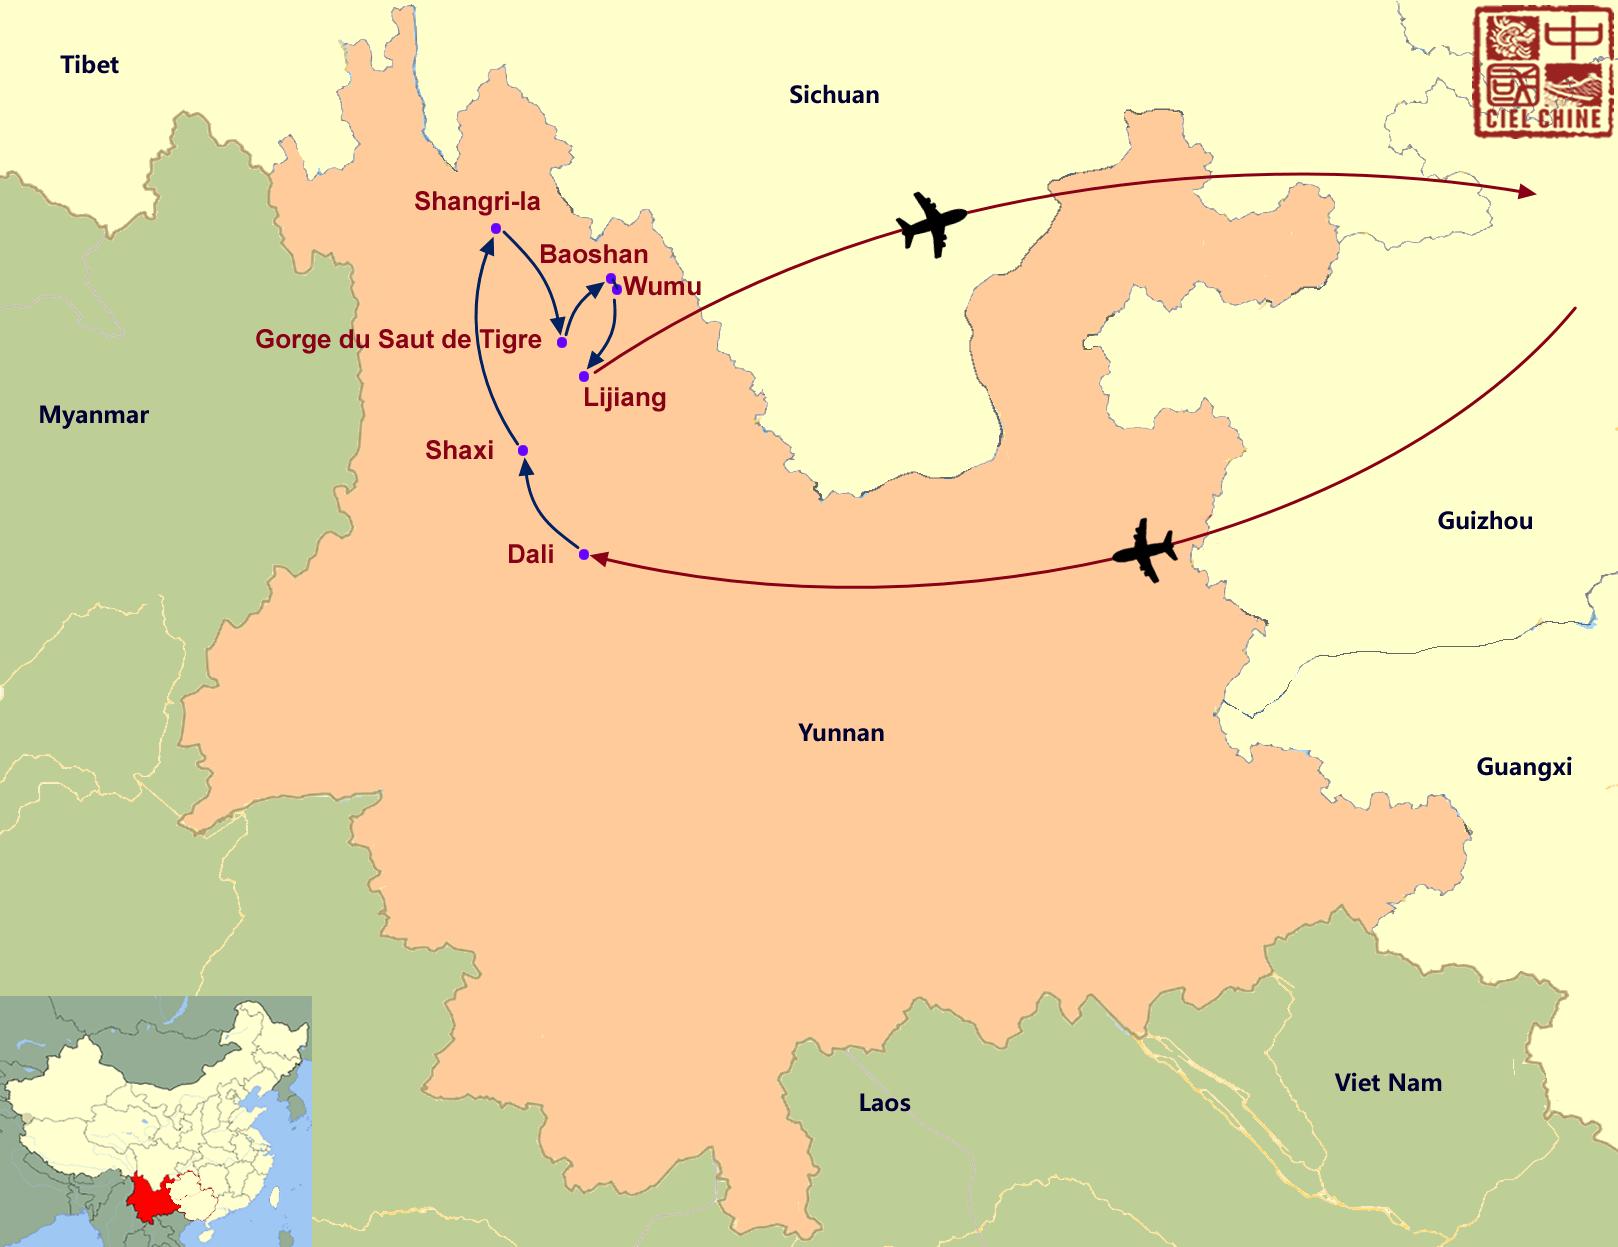 La carte du circuit des incontournables du nord Yunnan